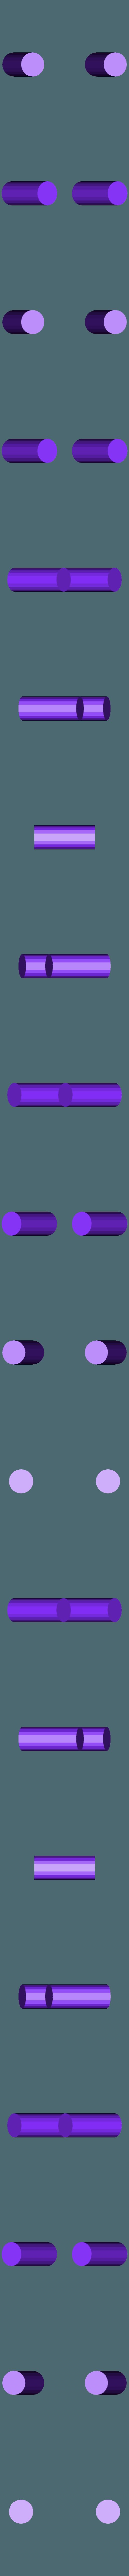 DS Pegs.stl Télécharger fichier STL gratuit Echo Dot 2 Stand de l'étoile de la mort • Objet à imprimer en 3D, BigRed3234